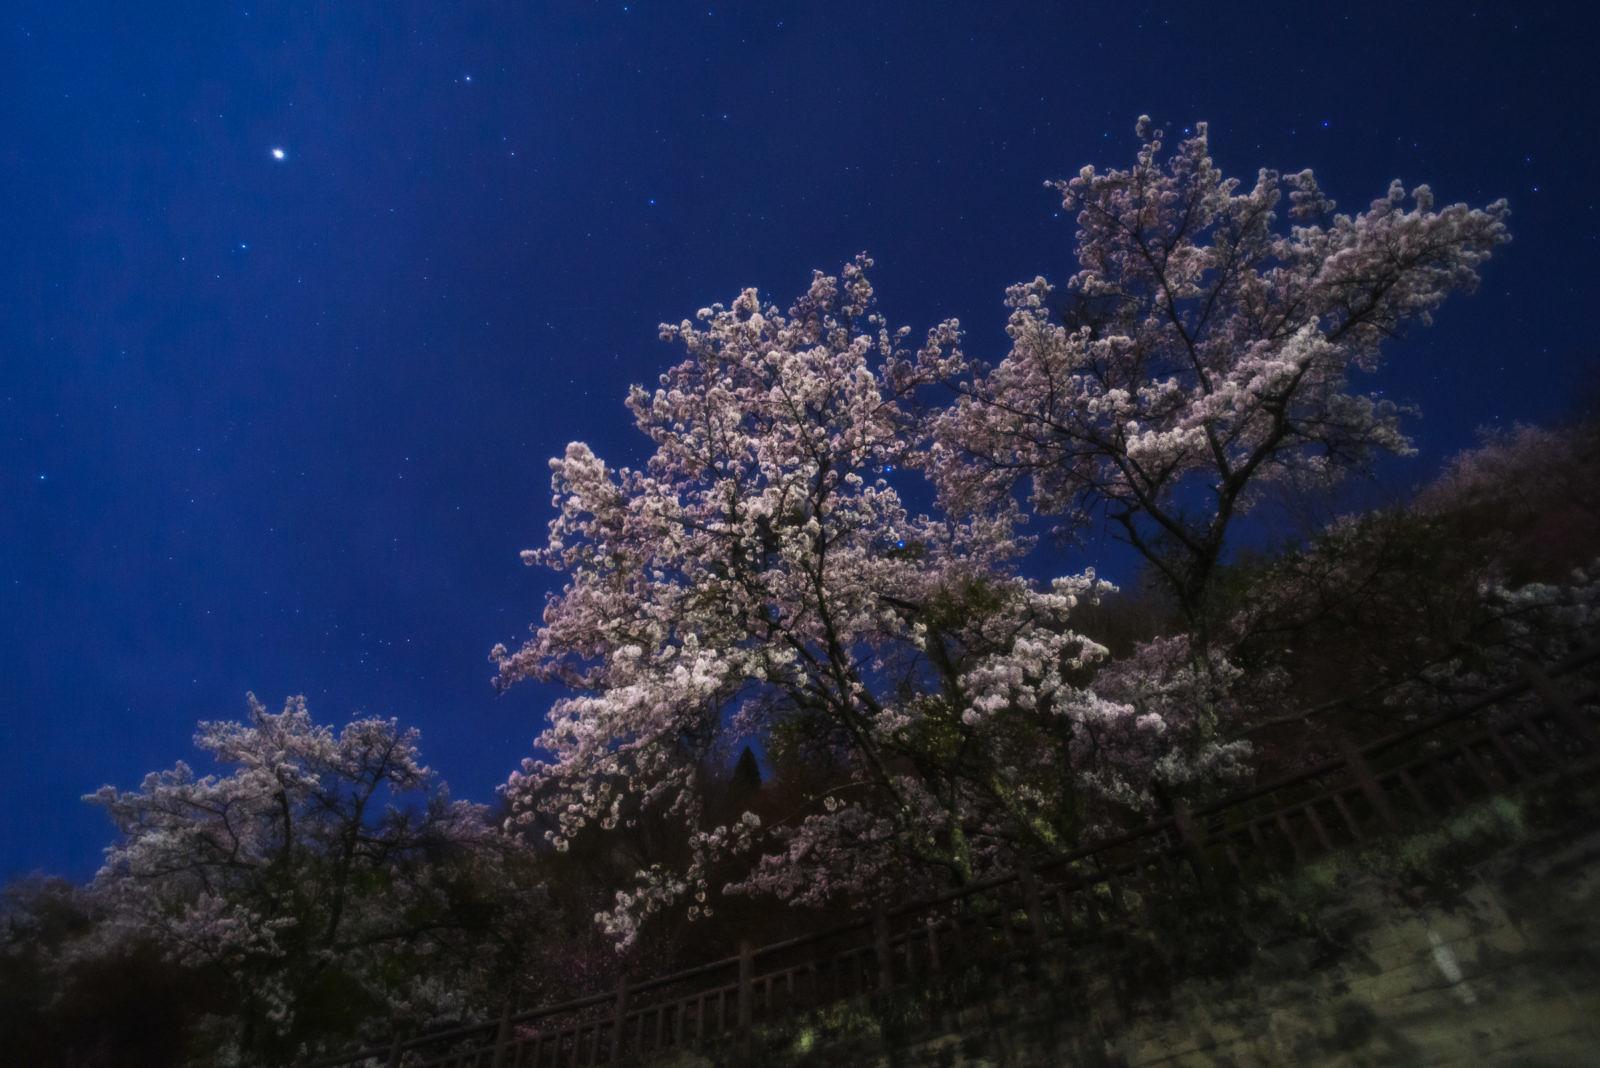 奥多摩湖の夜桜 | PENTAX K-1&FA20mm